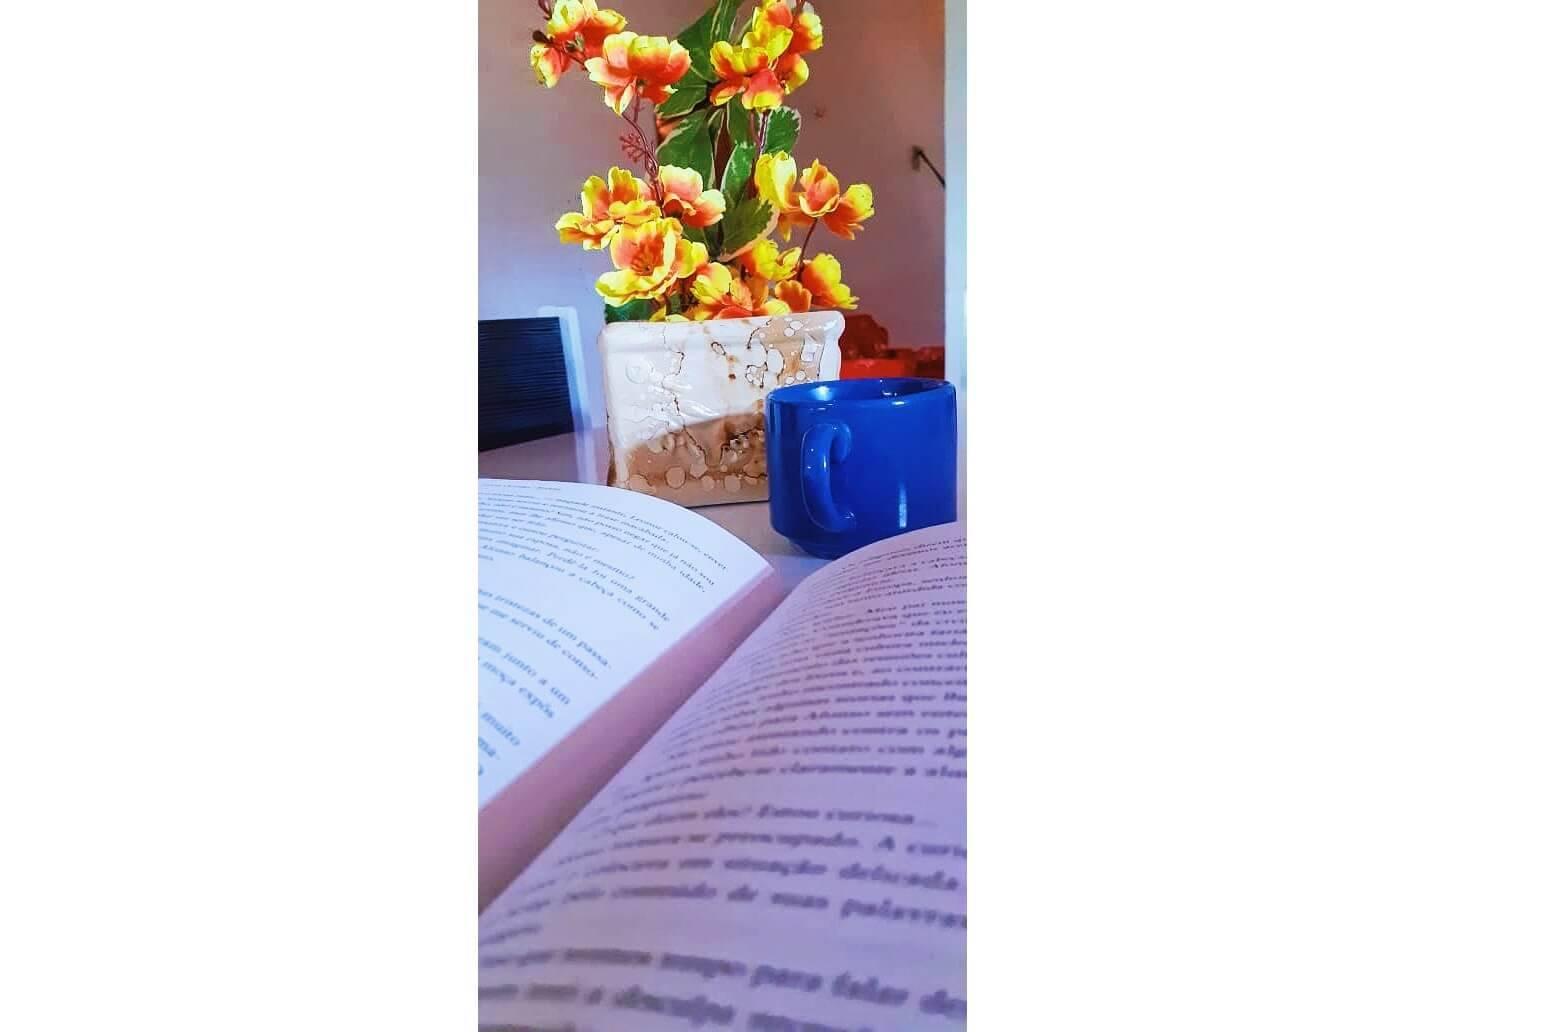 Ler um livro e saborear um café..., por José Cledson Araújo dos Santos. Foto: José Cledson Araújo dos Santos